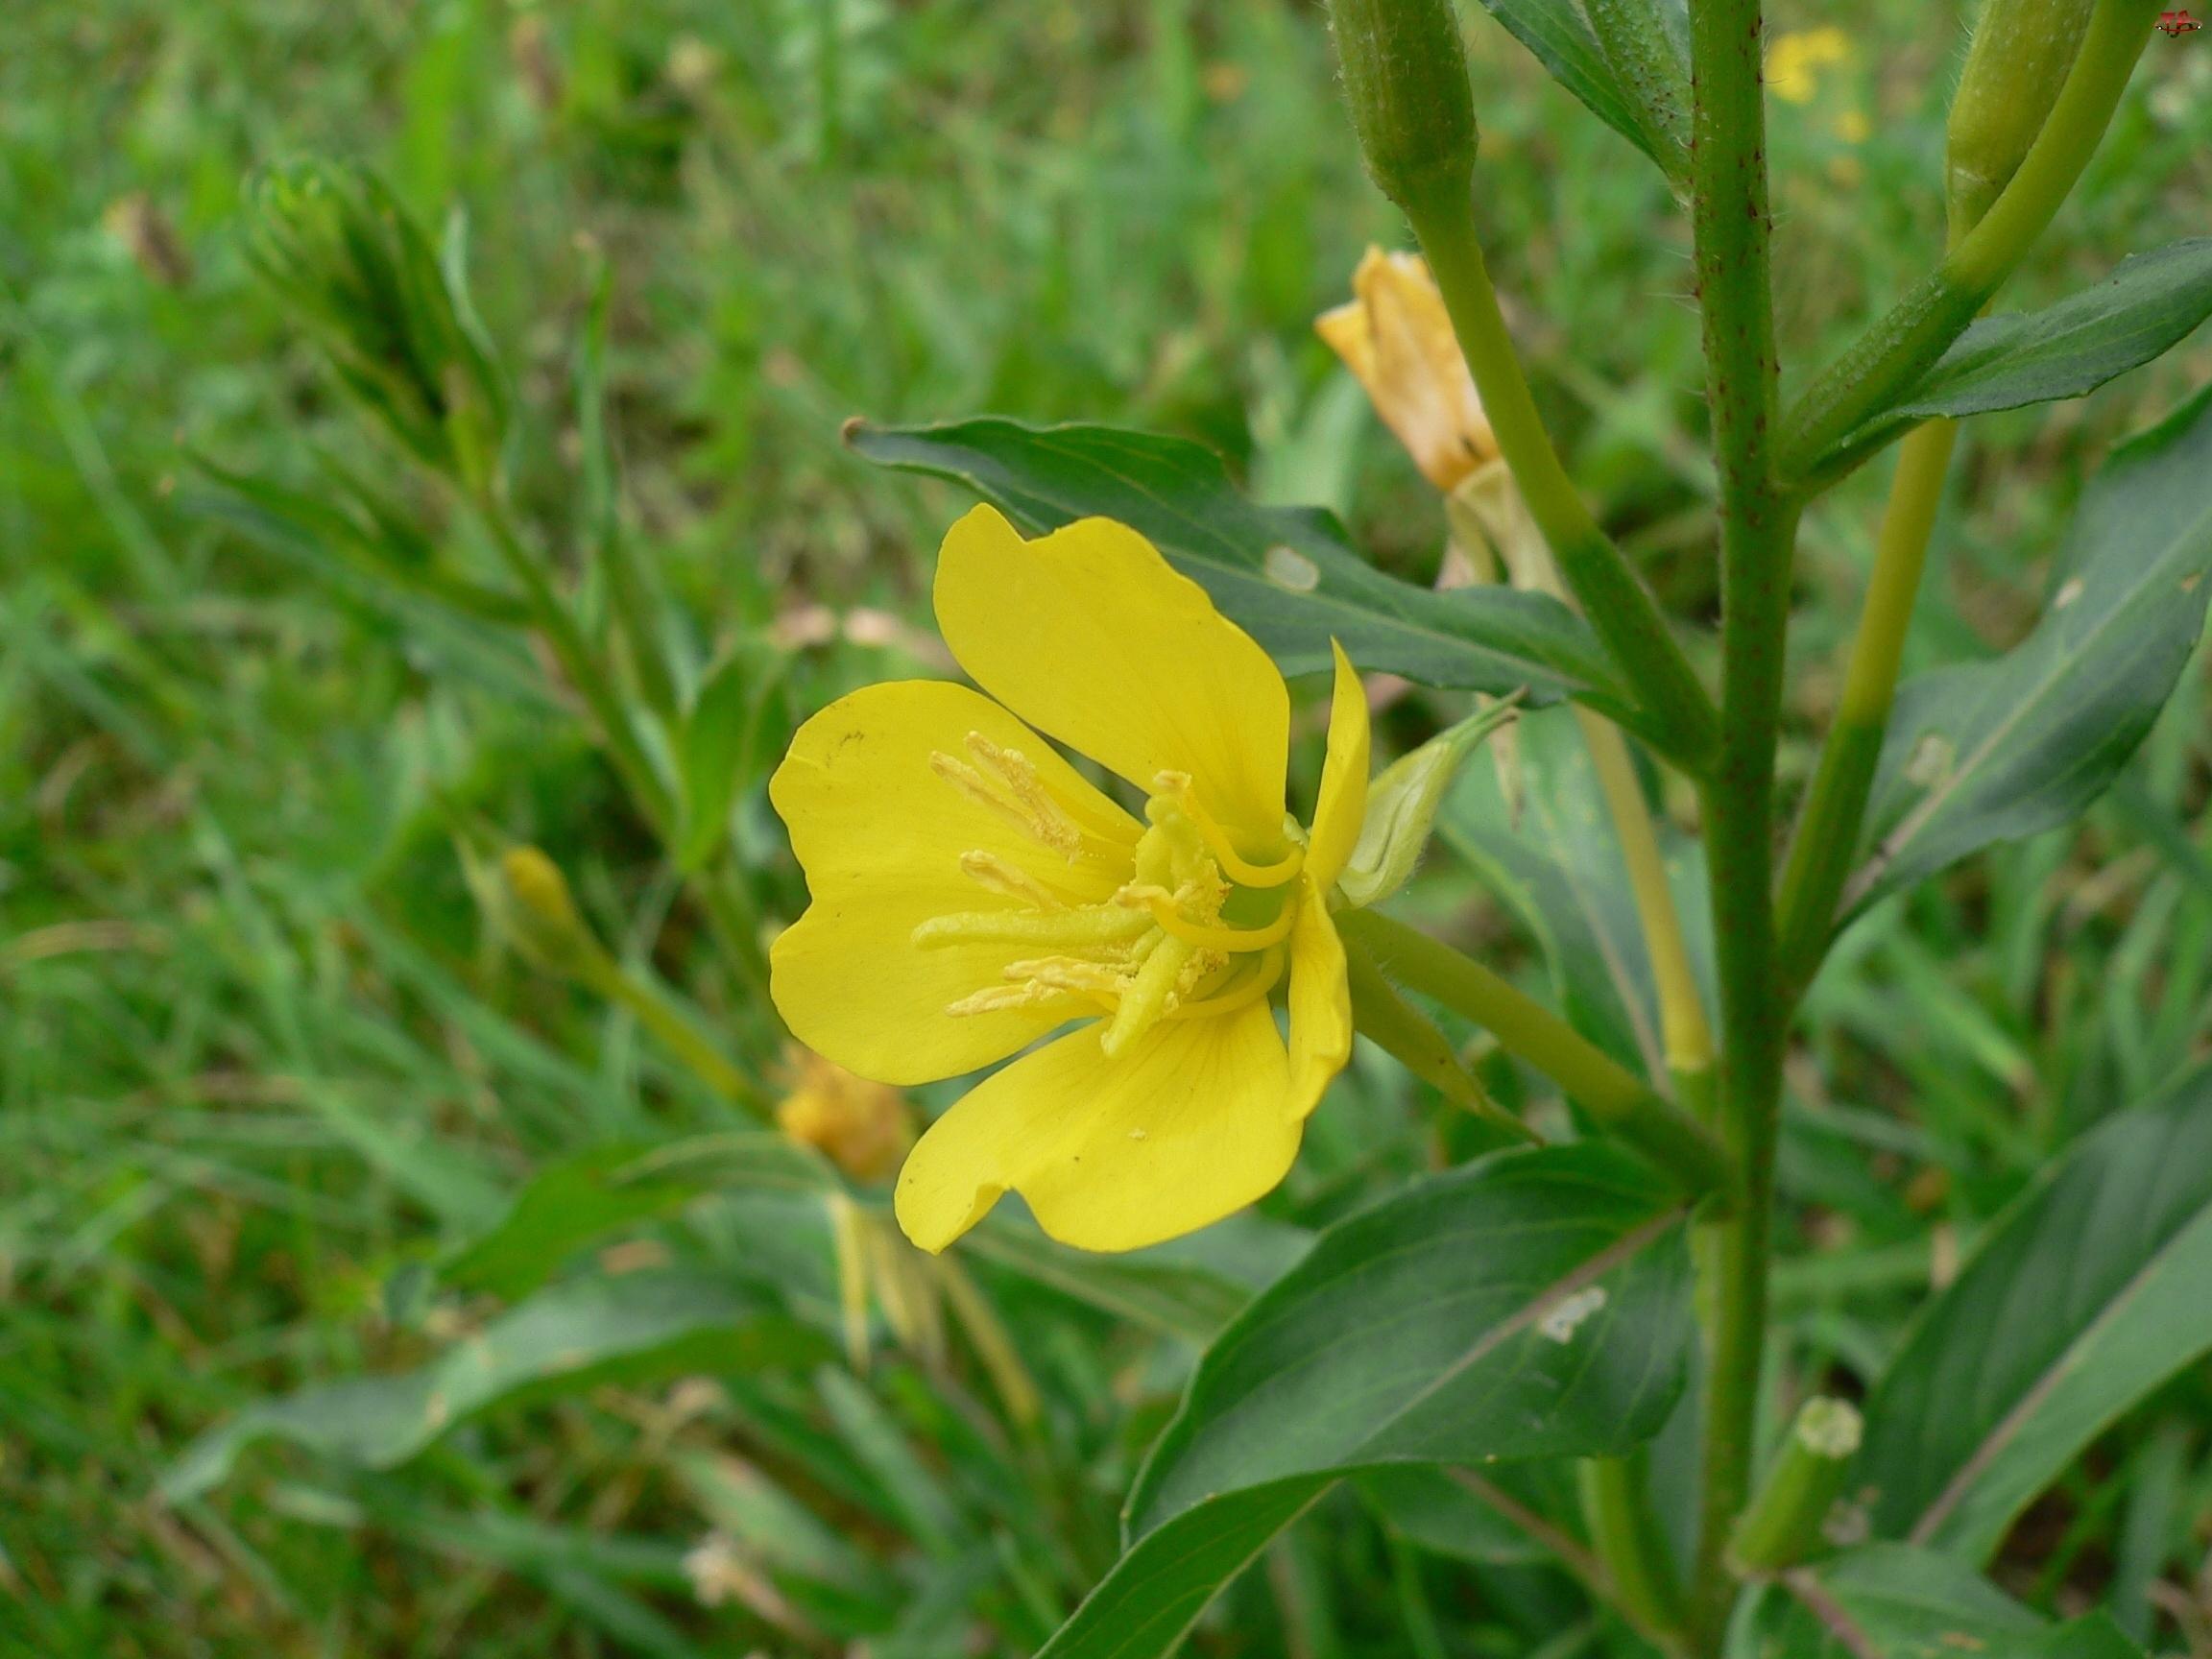 Wiesiołek, Łodyga, Żółty, Liście, Kwiat